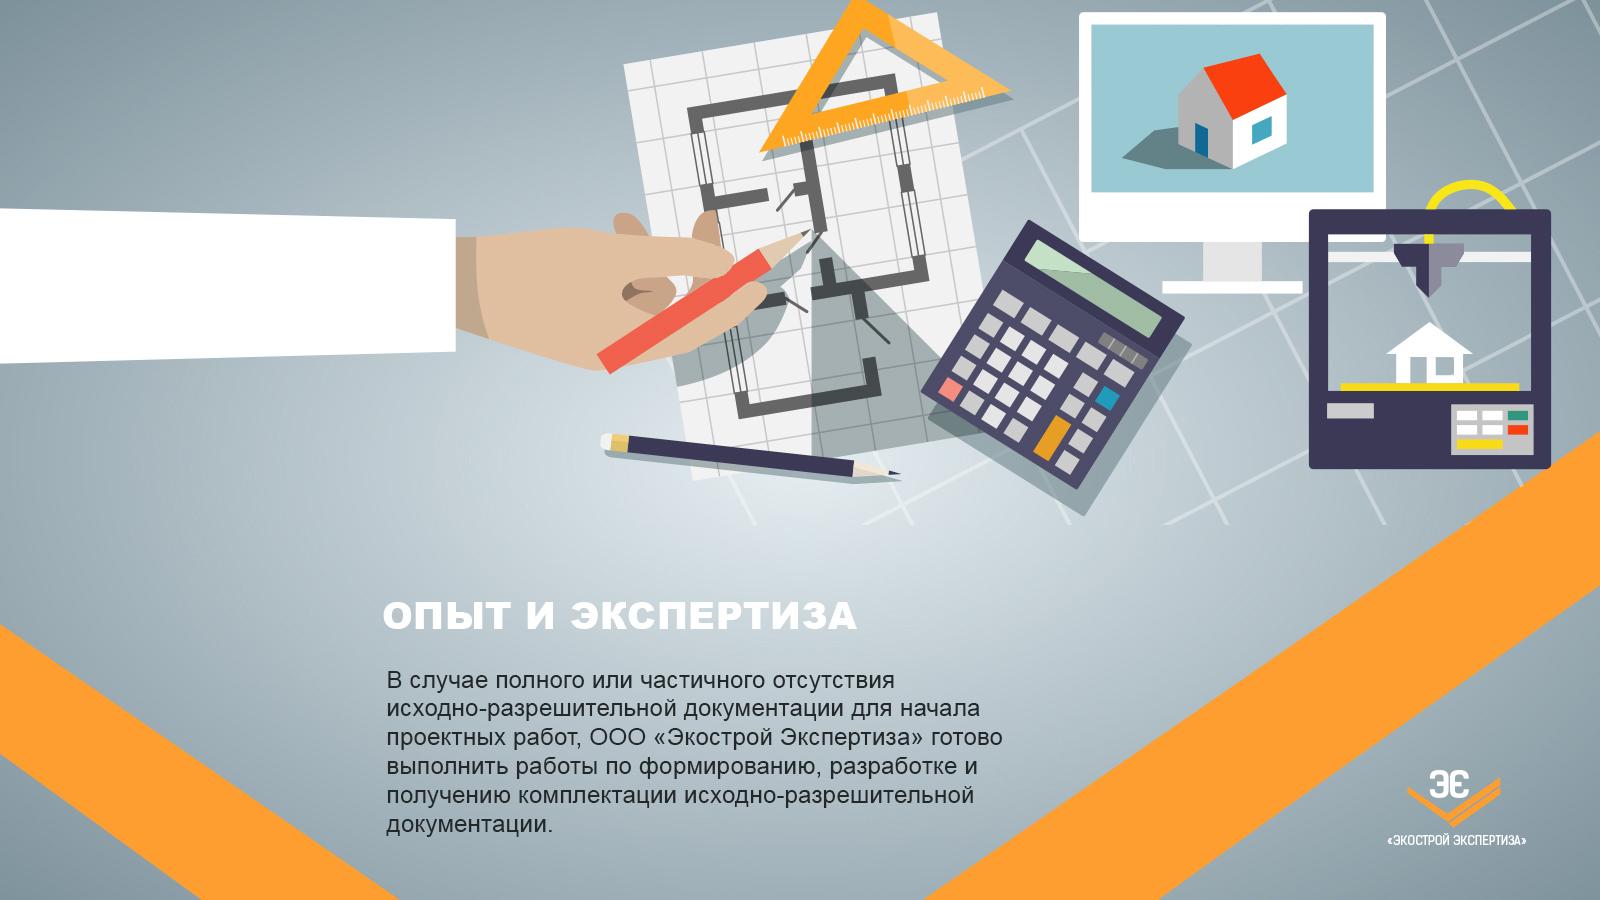 Слайд из презентации строительной организации